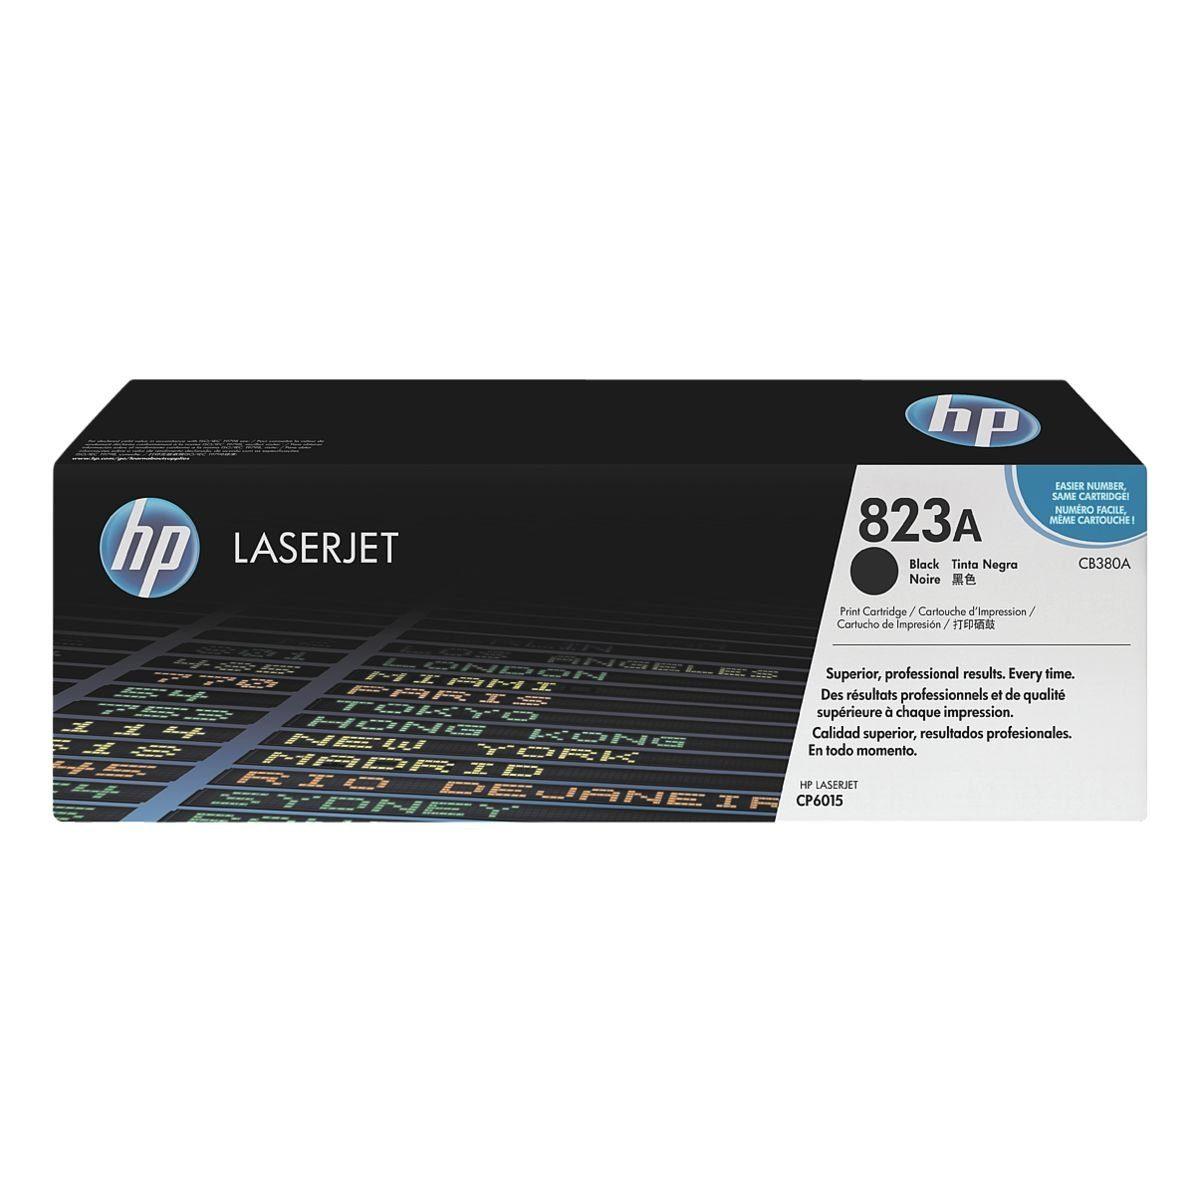 HP Druckkassette »HP CB380A« 823A